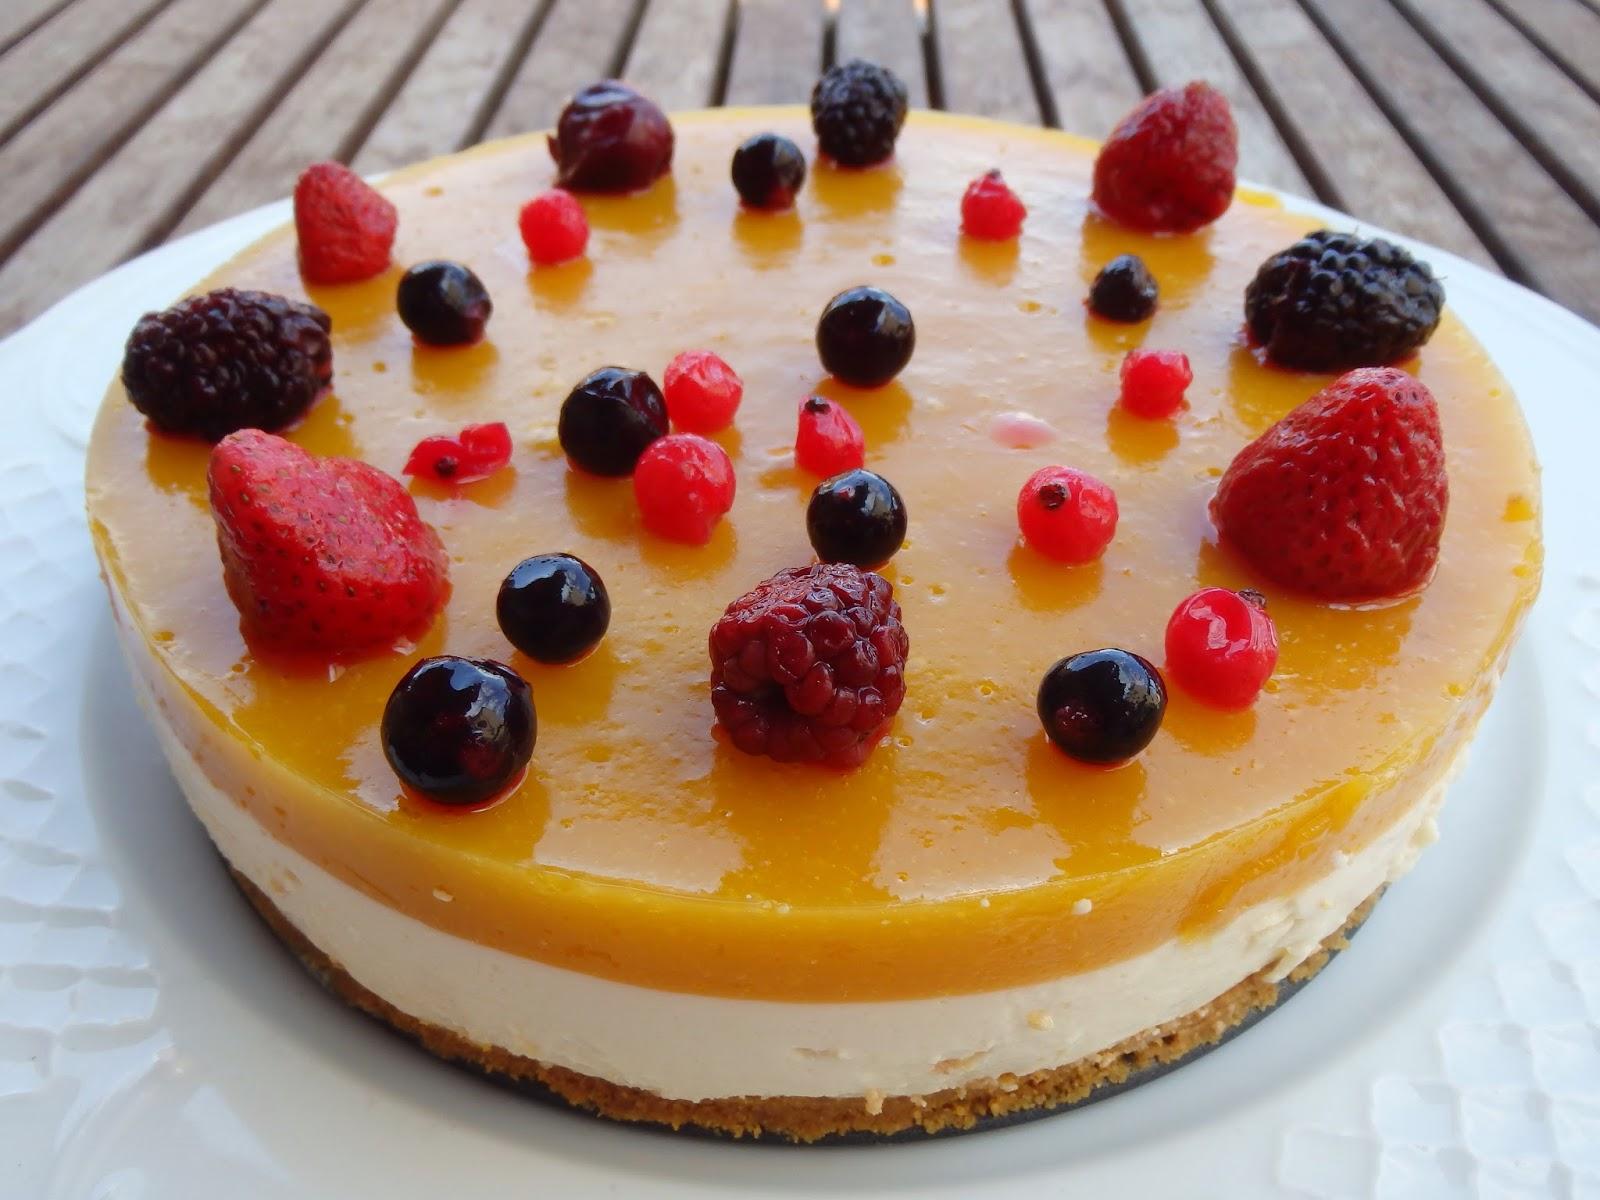 Cheese cake de mango - vainilla